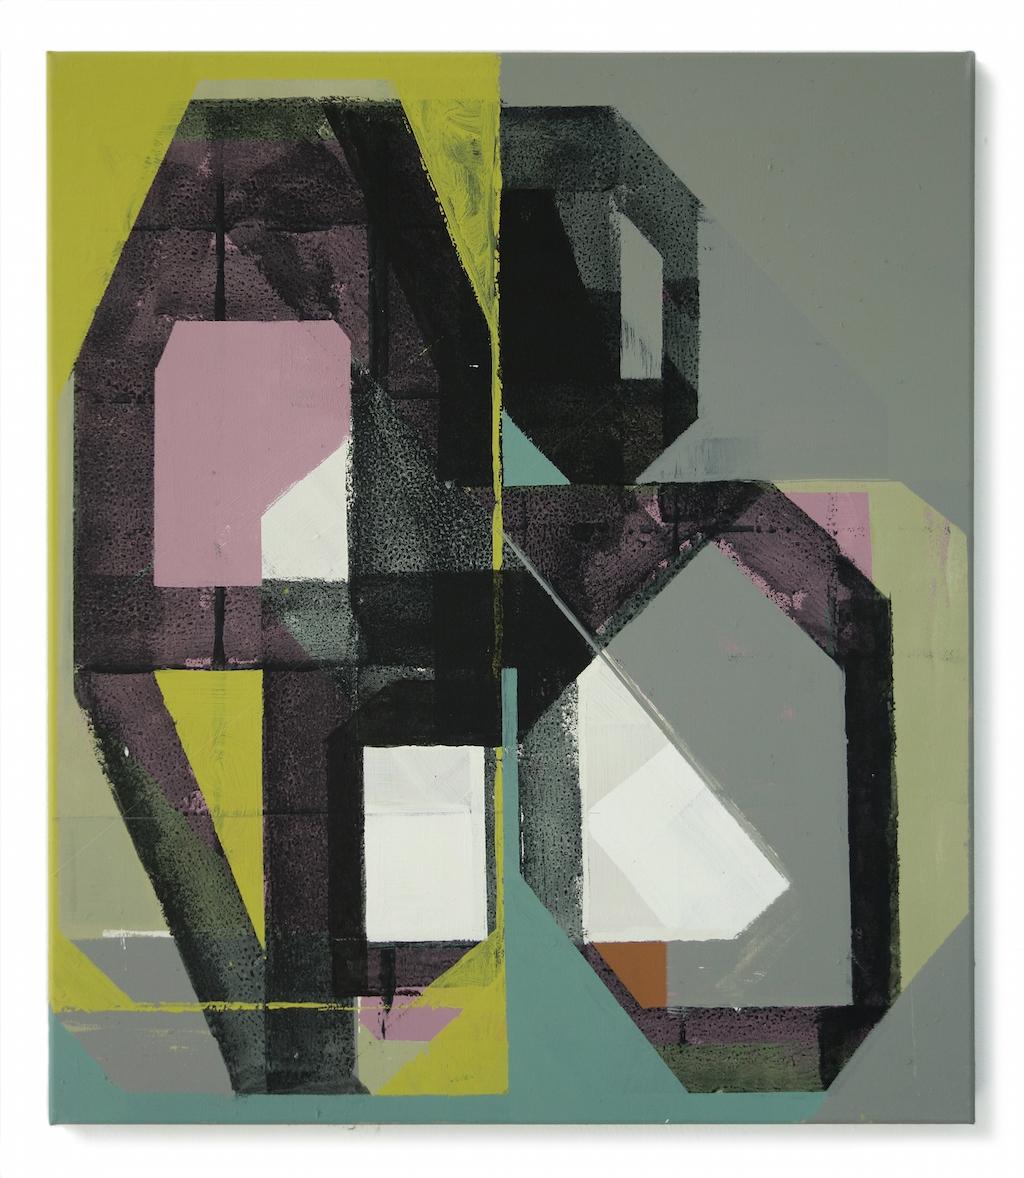 jeroen-erosie-genius-loci-at-mini-galerie-recap-23